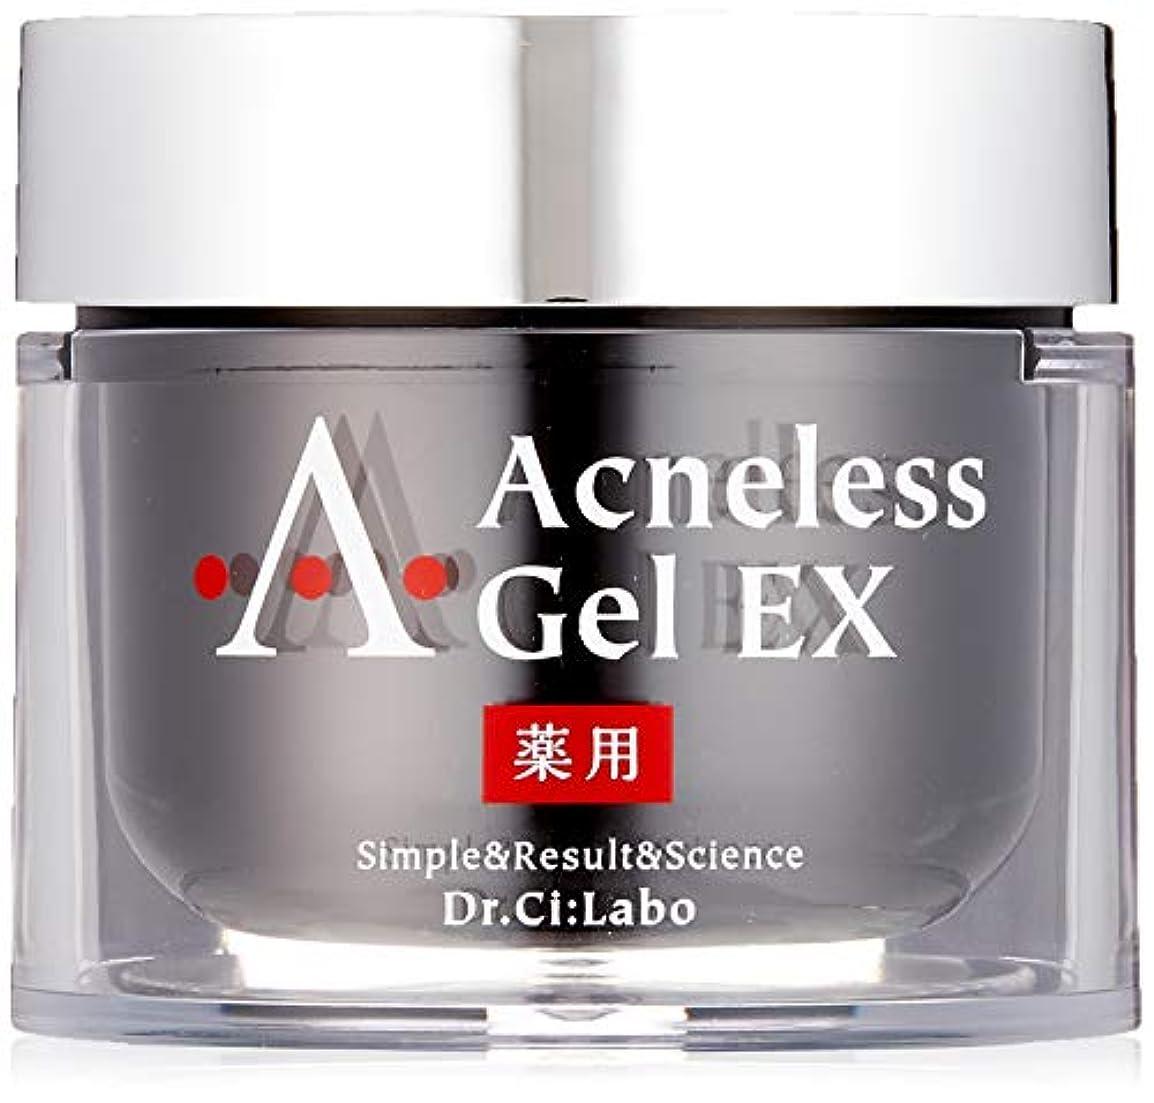 救援真鍮適応する薬用アクネレスゲルEX80g